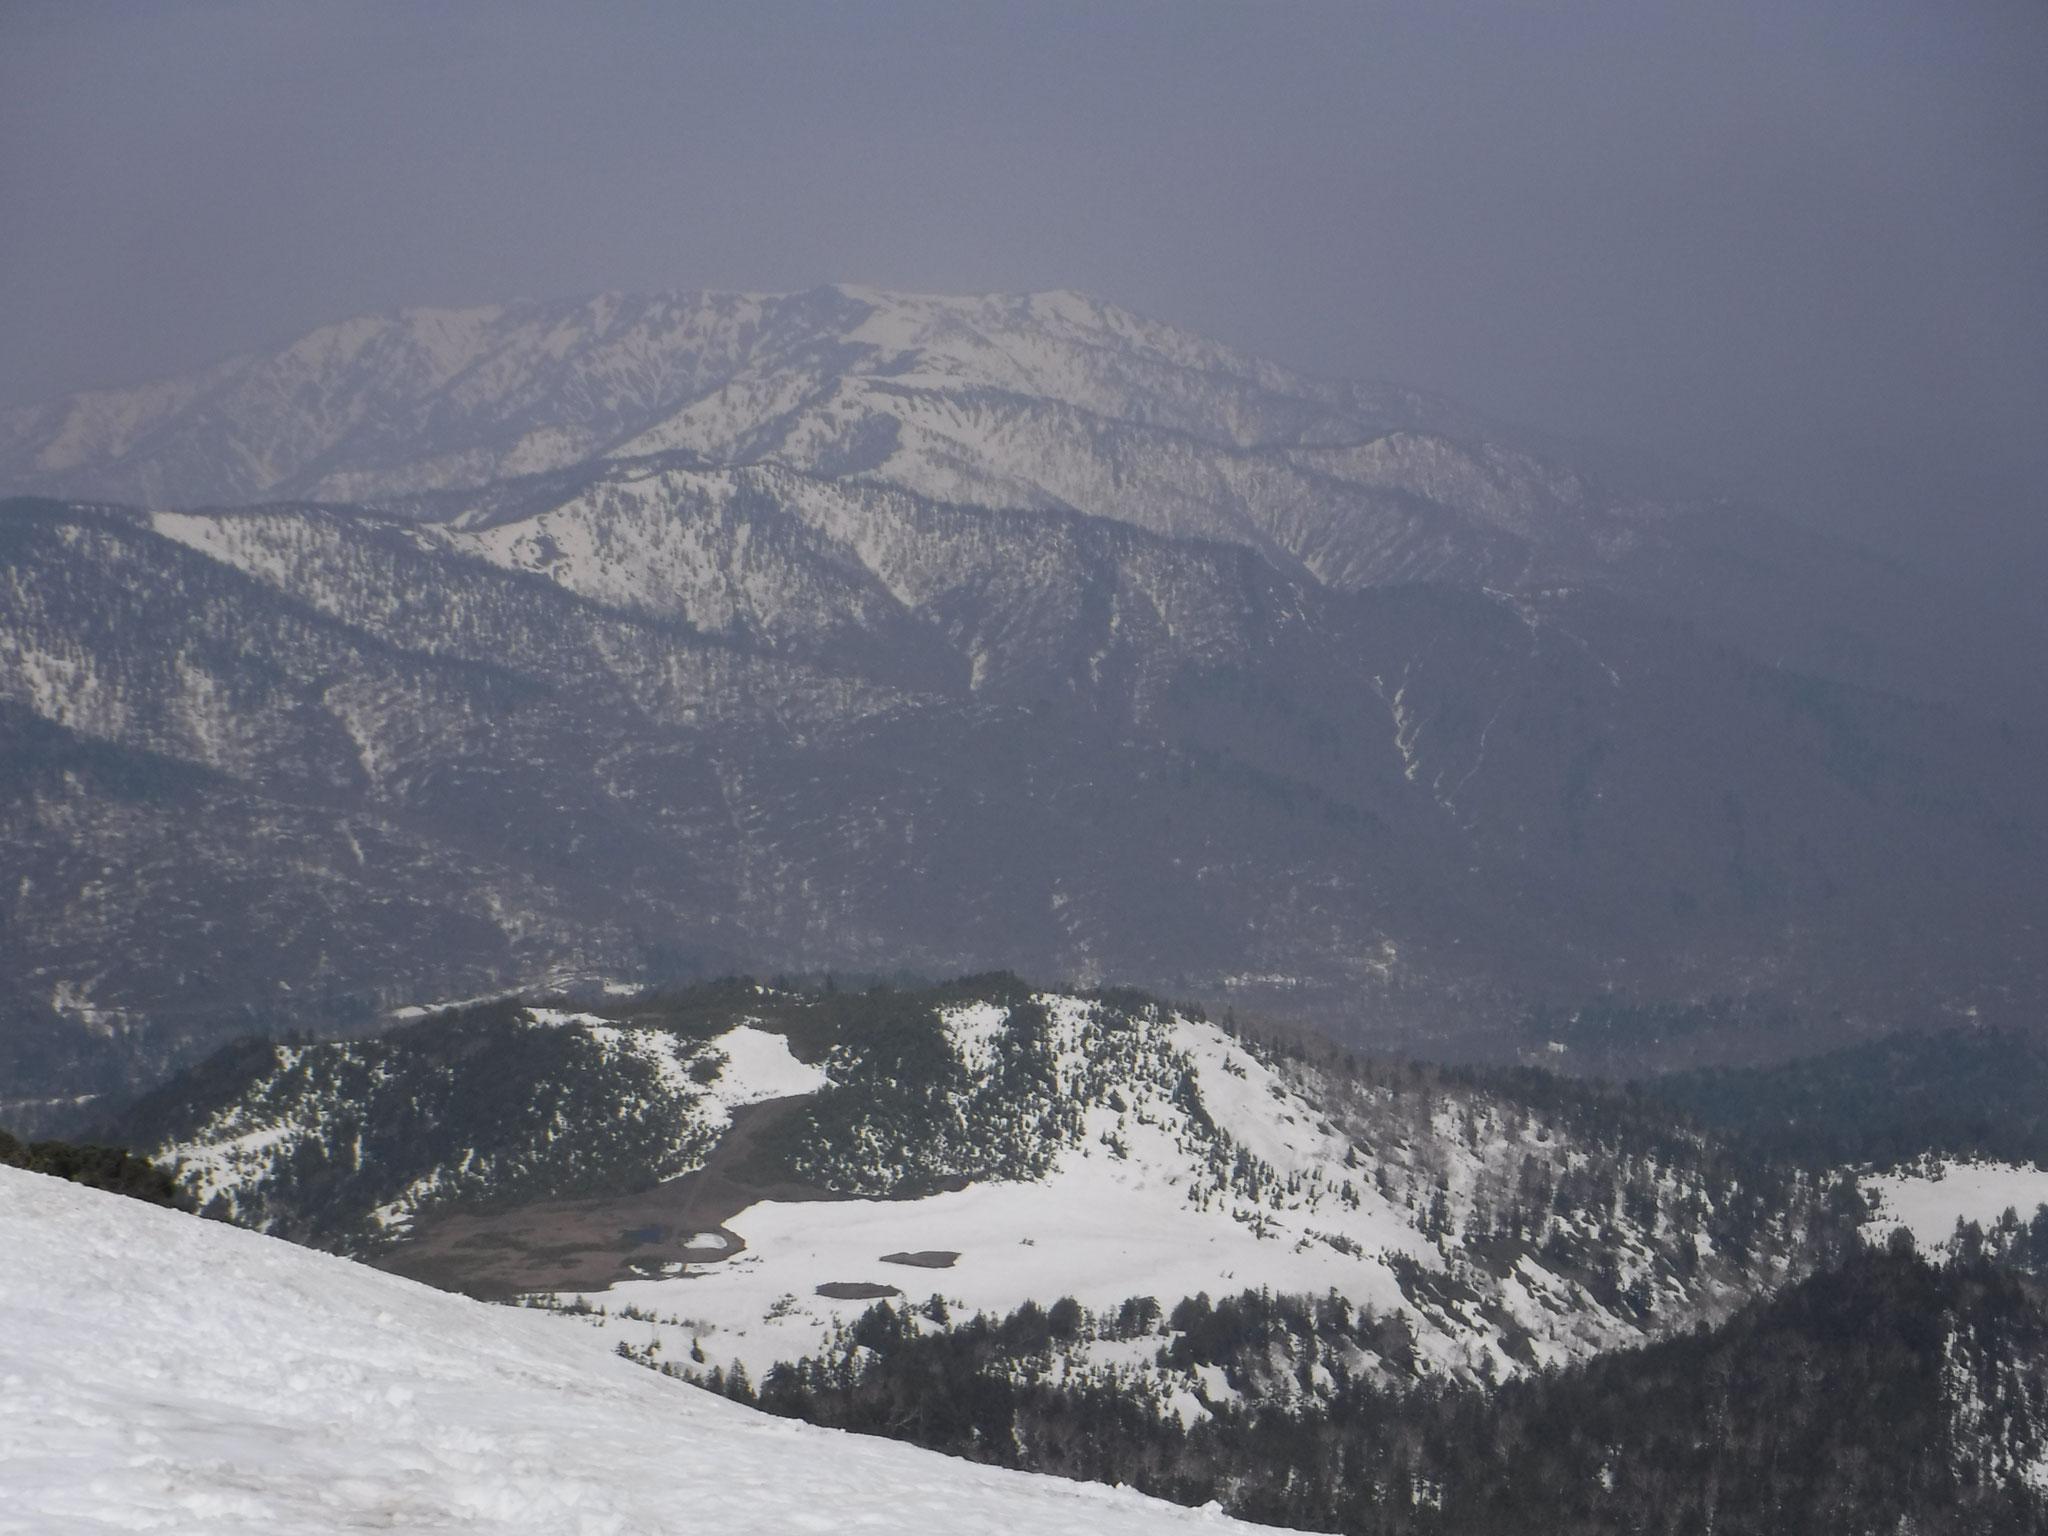 12:25 燧ケ岳山頂北側より、熊沢田代、御池方面